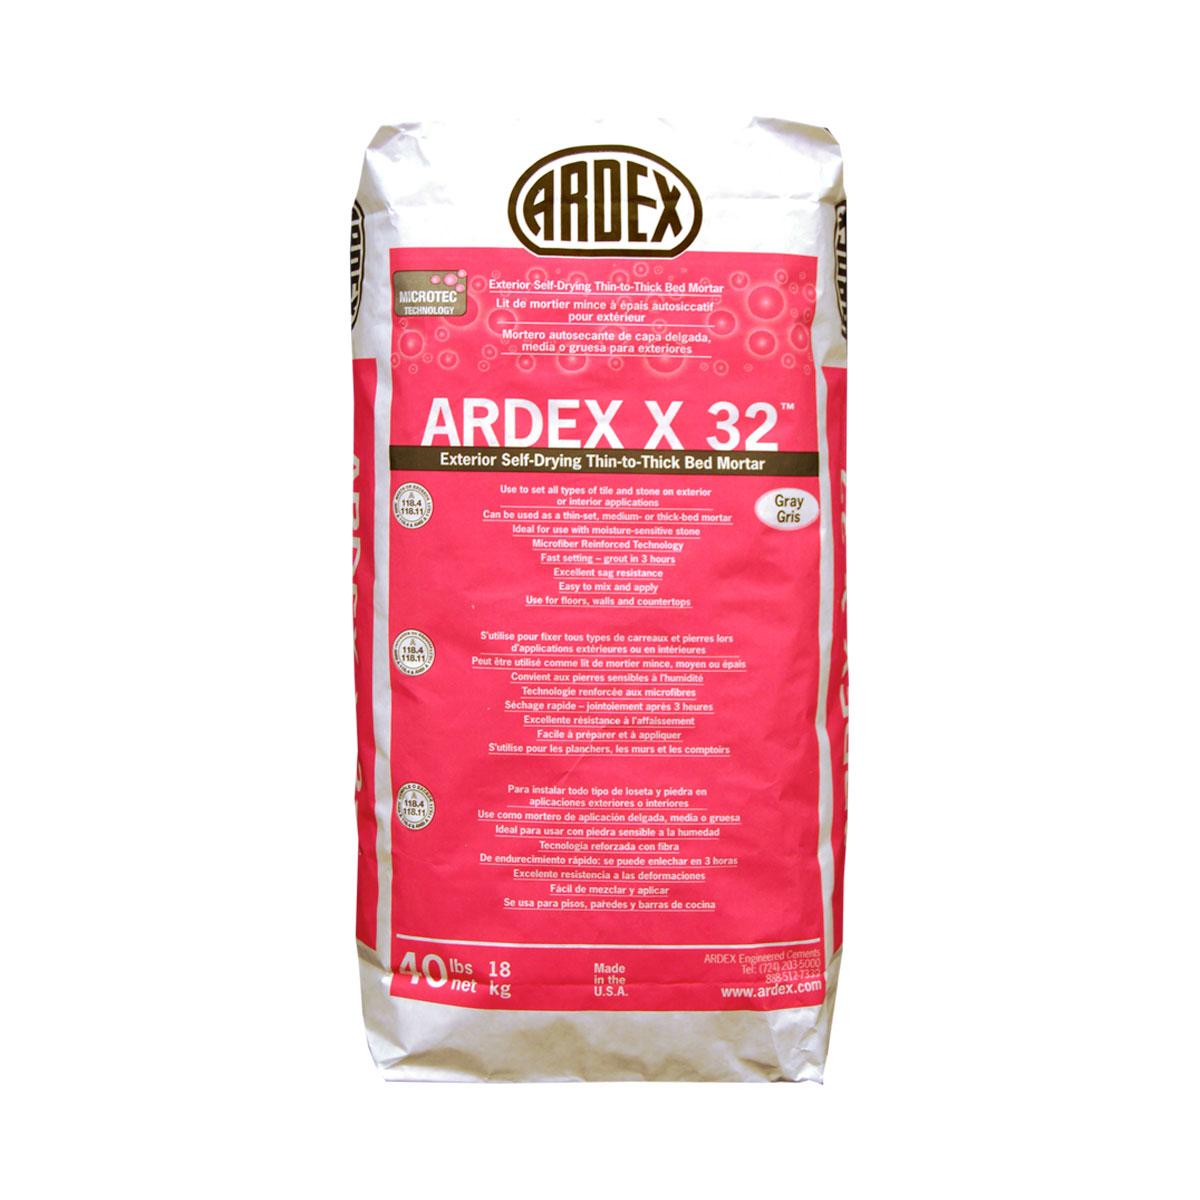 Ardex X 32